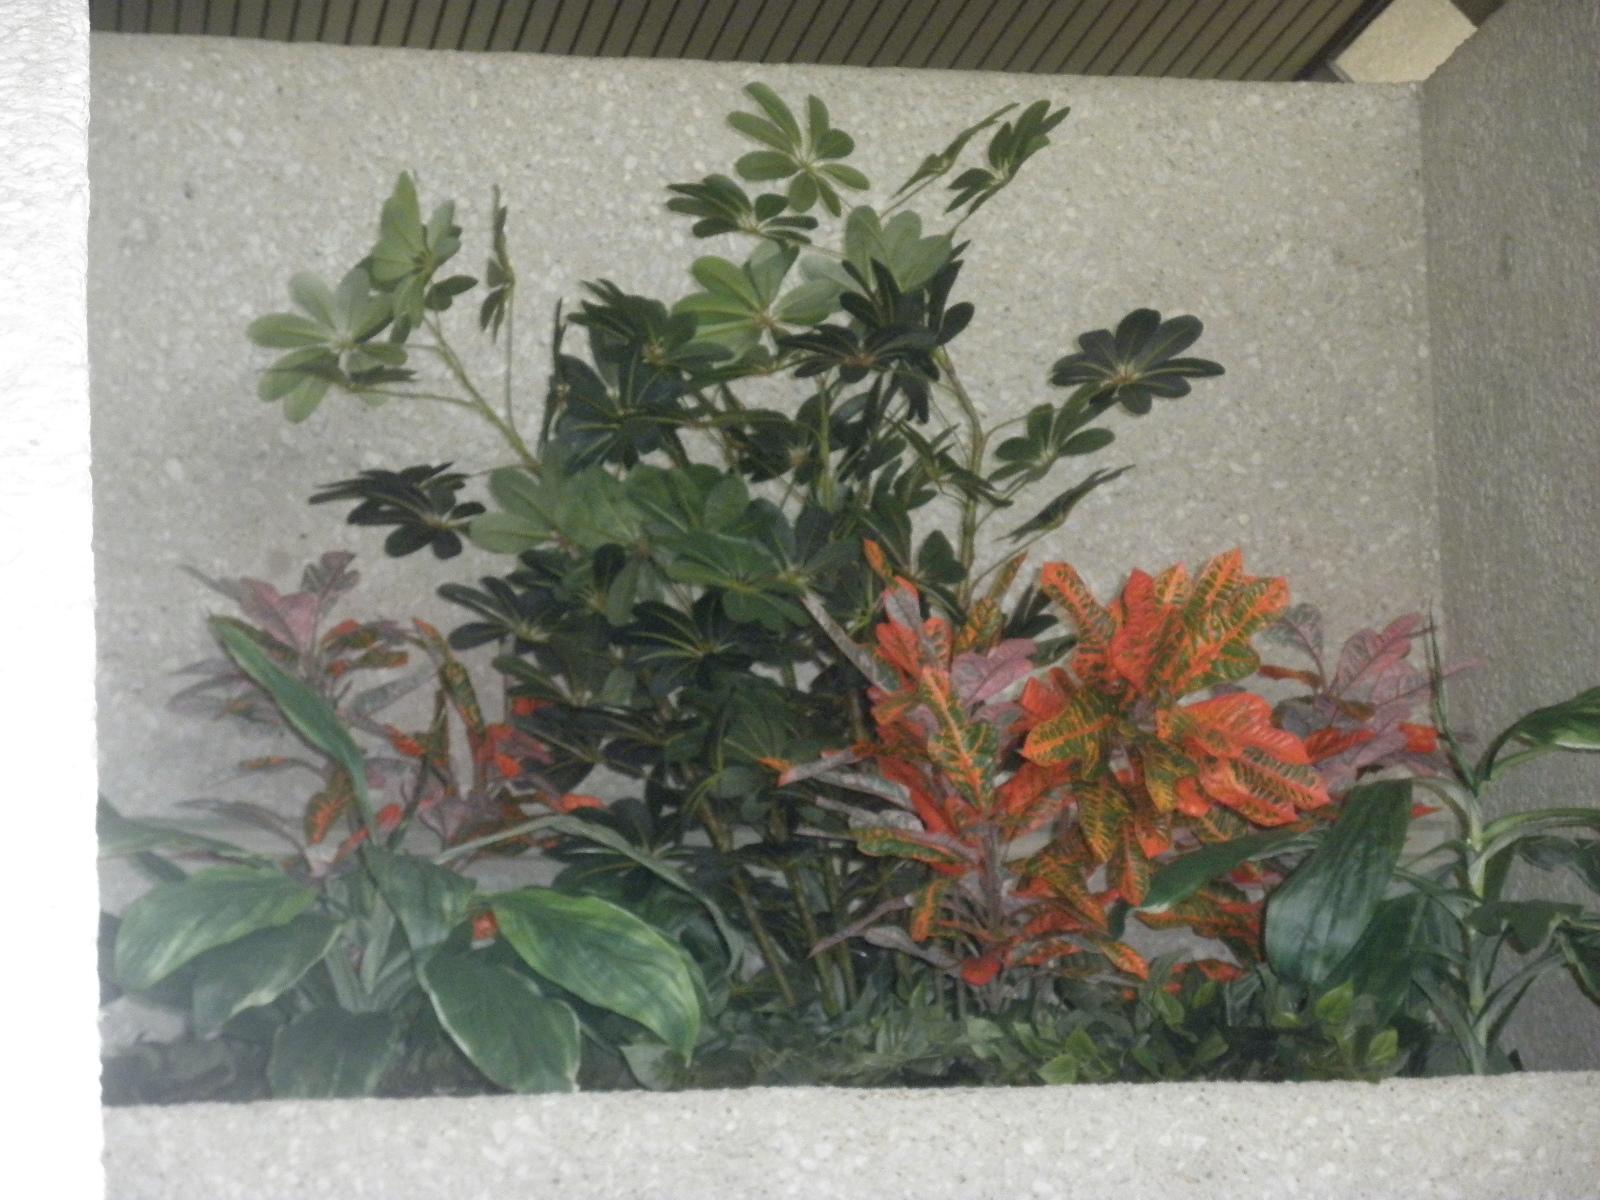 Large Silk Plant Arrangement